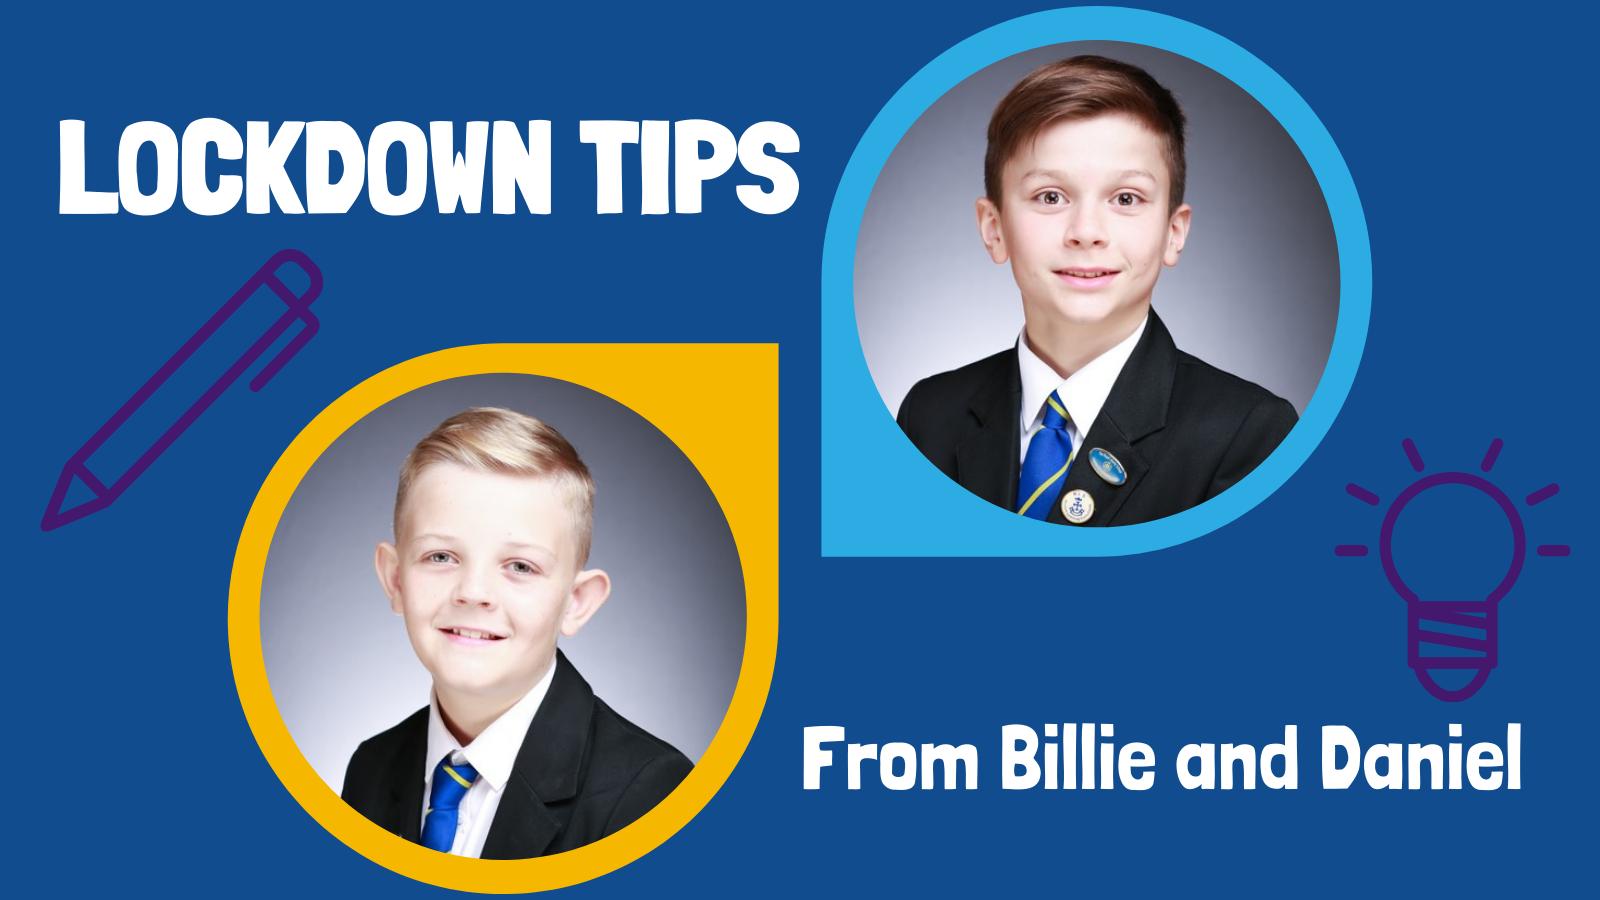 Billie & Daniel's Lockdown Tips